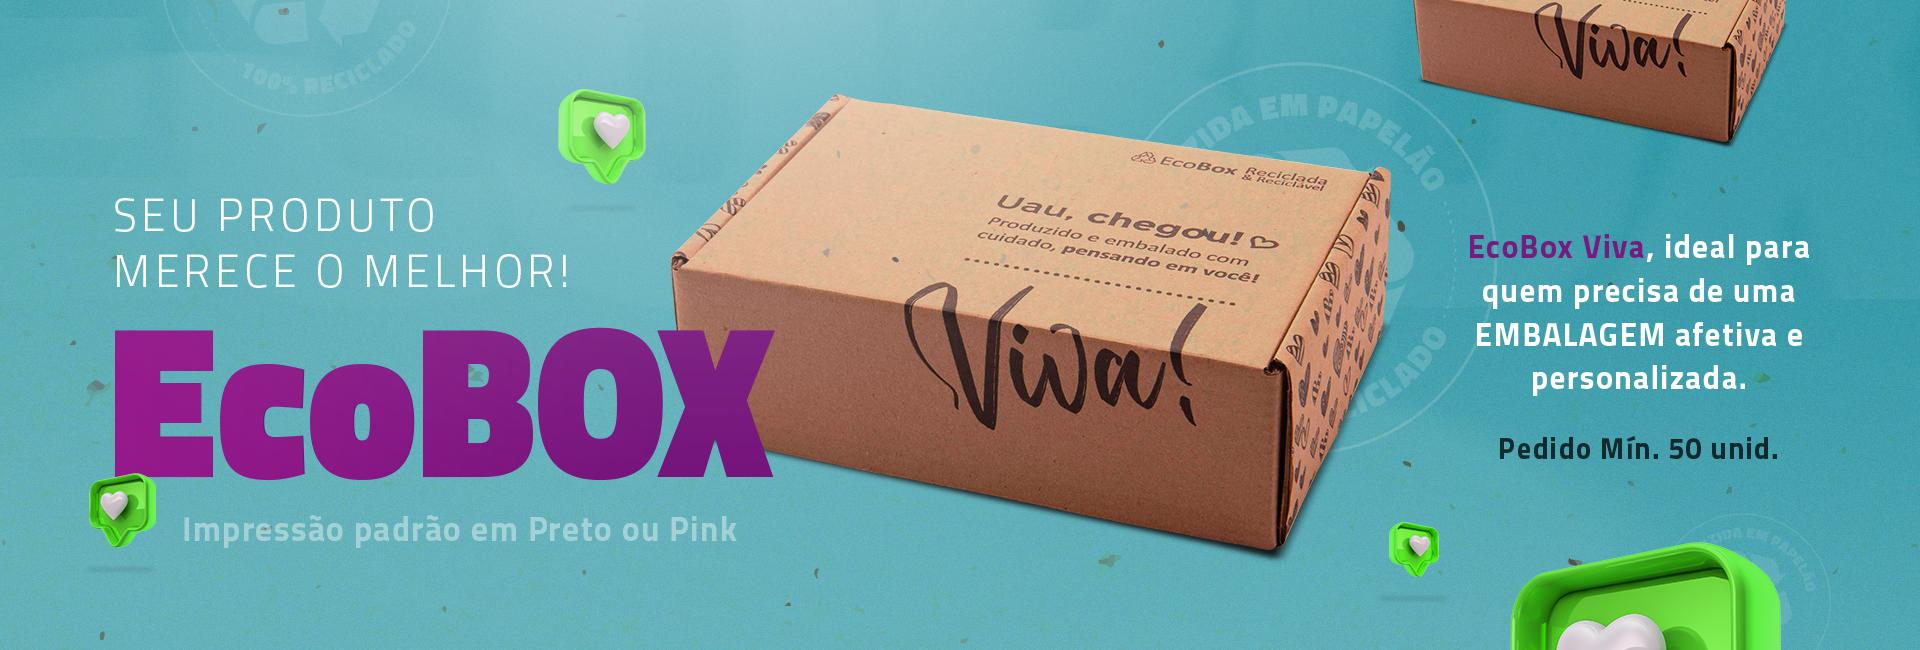 embalagem de ecommerce ecologica e personalizada com a marca do cliente. Embalagem ecologica e economica.